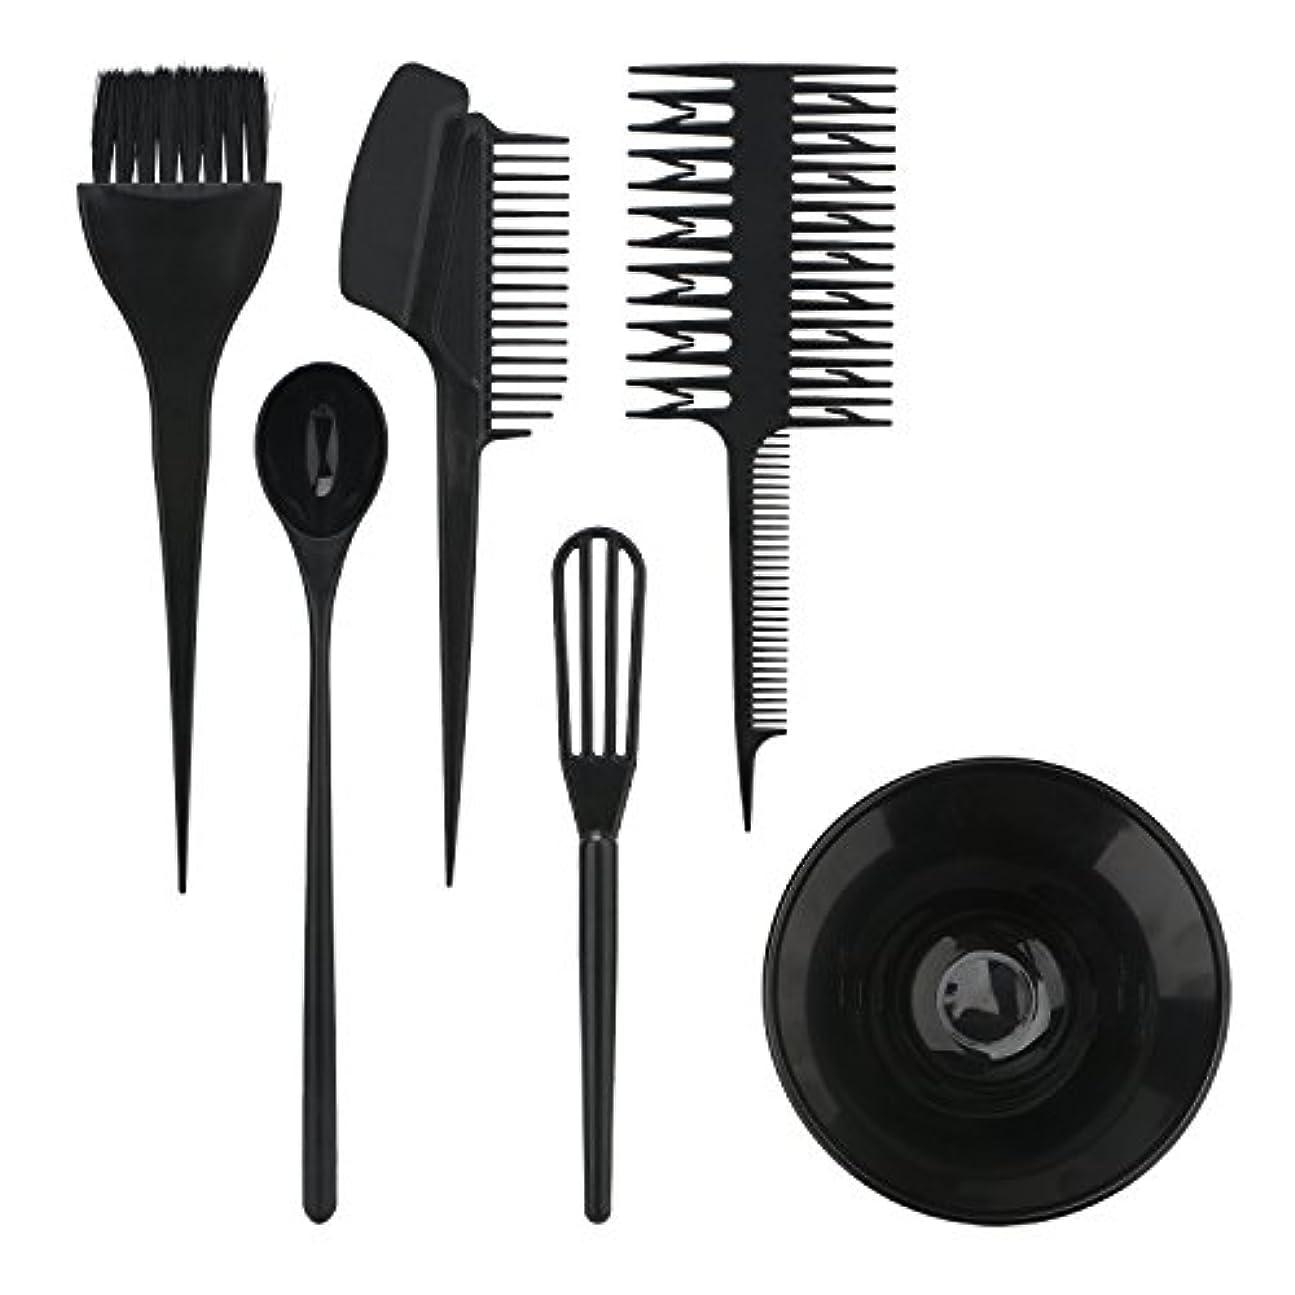 ハイジャックスタック湖Segbeauty ヘアカラー用のセット ブラシとボウルの組み合わせ 6pcs DIY髪染め用 サロン 美髪師用 ヘアカラーの用具